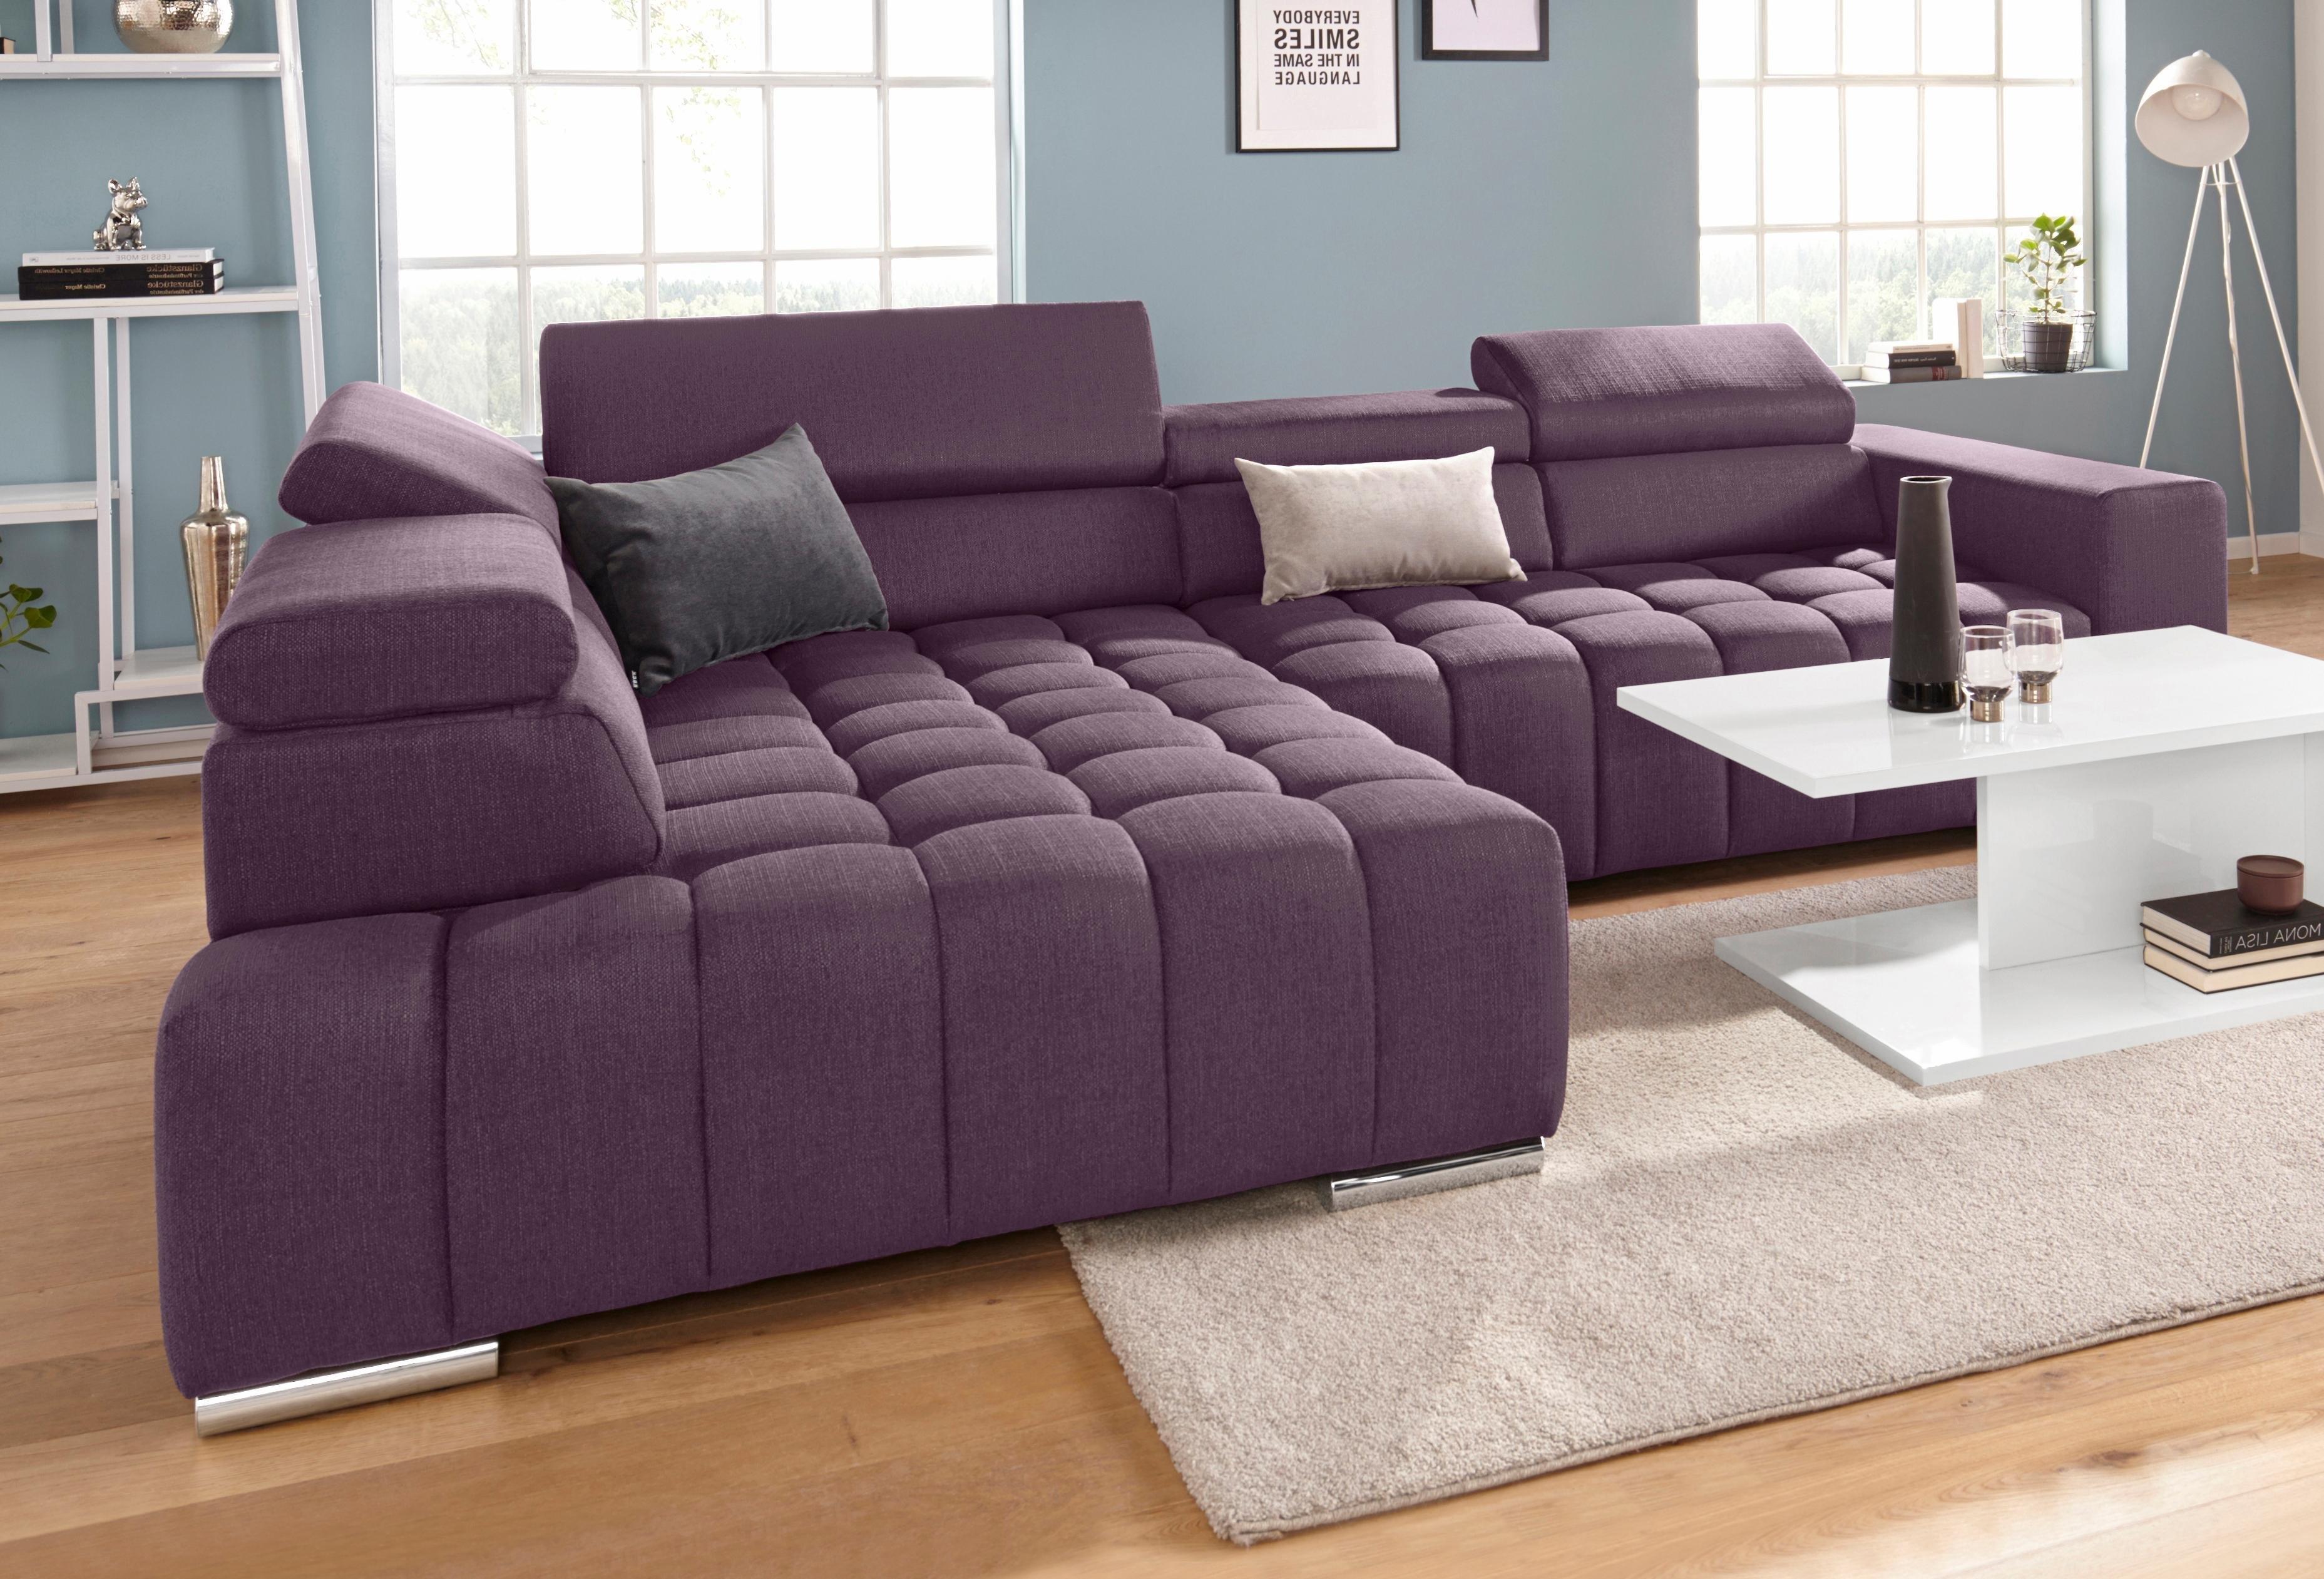 exxpo - sofa fashion hoekbank met verstelbare hoofdsteun en verstelbare rugleuning, naar keuze met slaapfunctie en bedkist nu online kopen bij OTTO